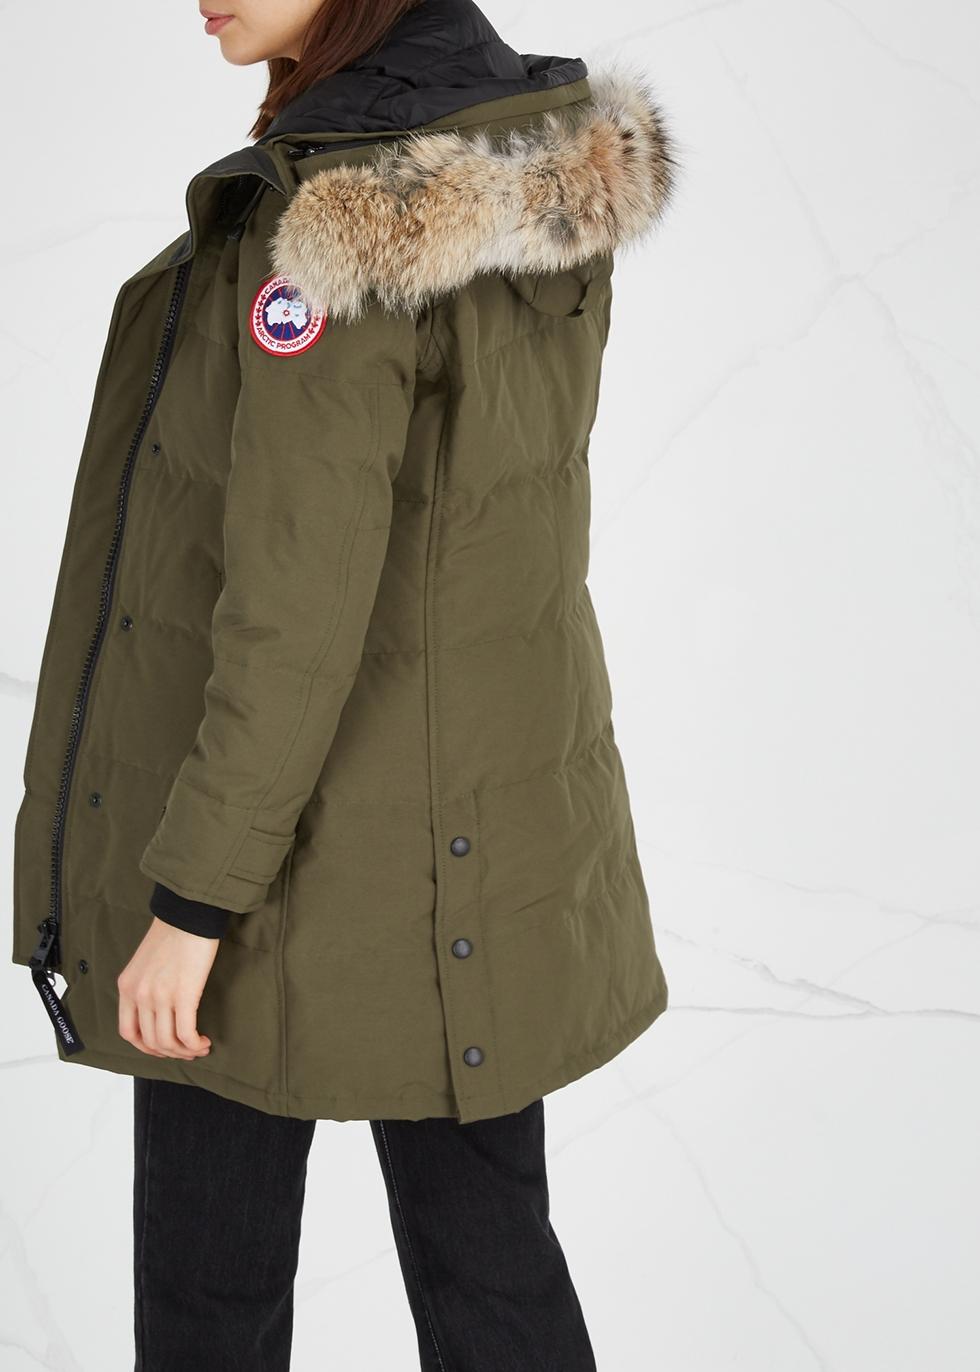 Shelburne Fusion Fit fur-trimmed parka - Canada Goose